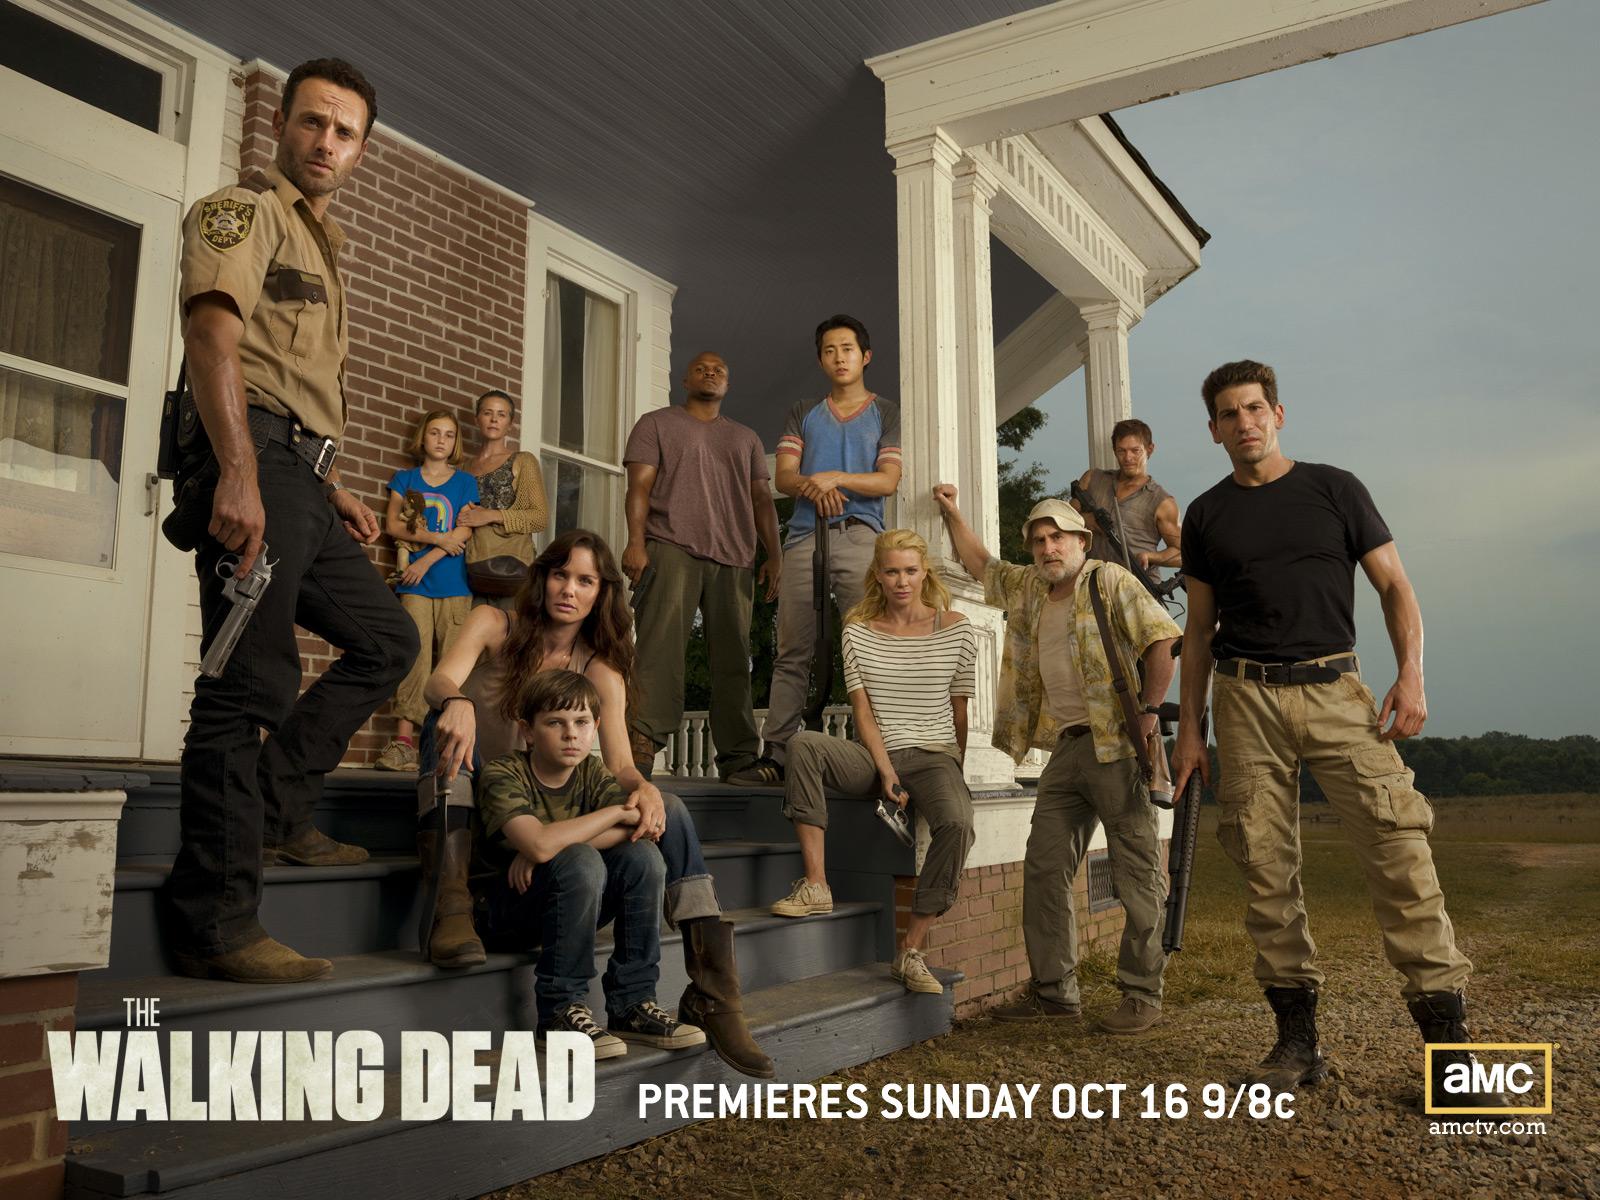 Season-2-Wallpaper-the-walking-dead-25688940-1600-1200.jpg